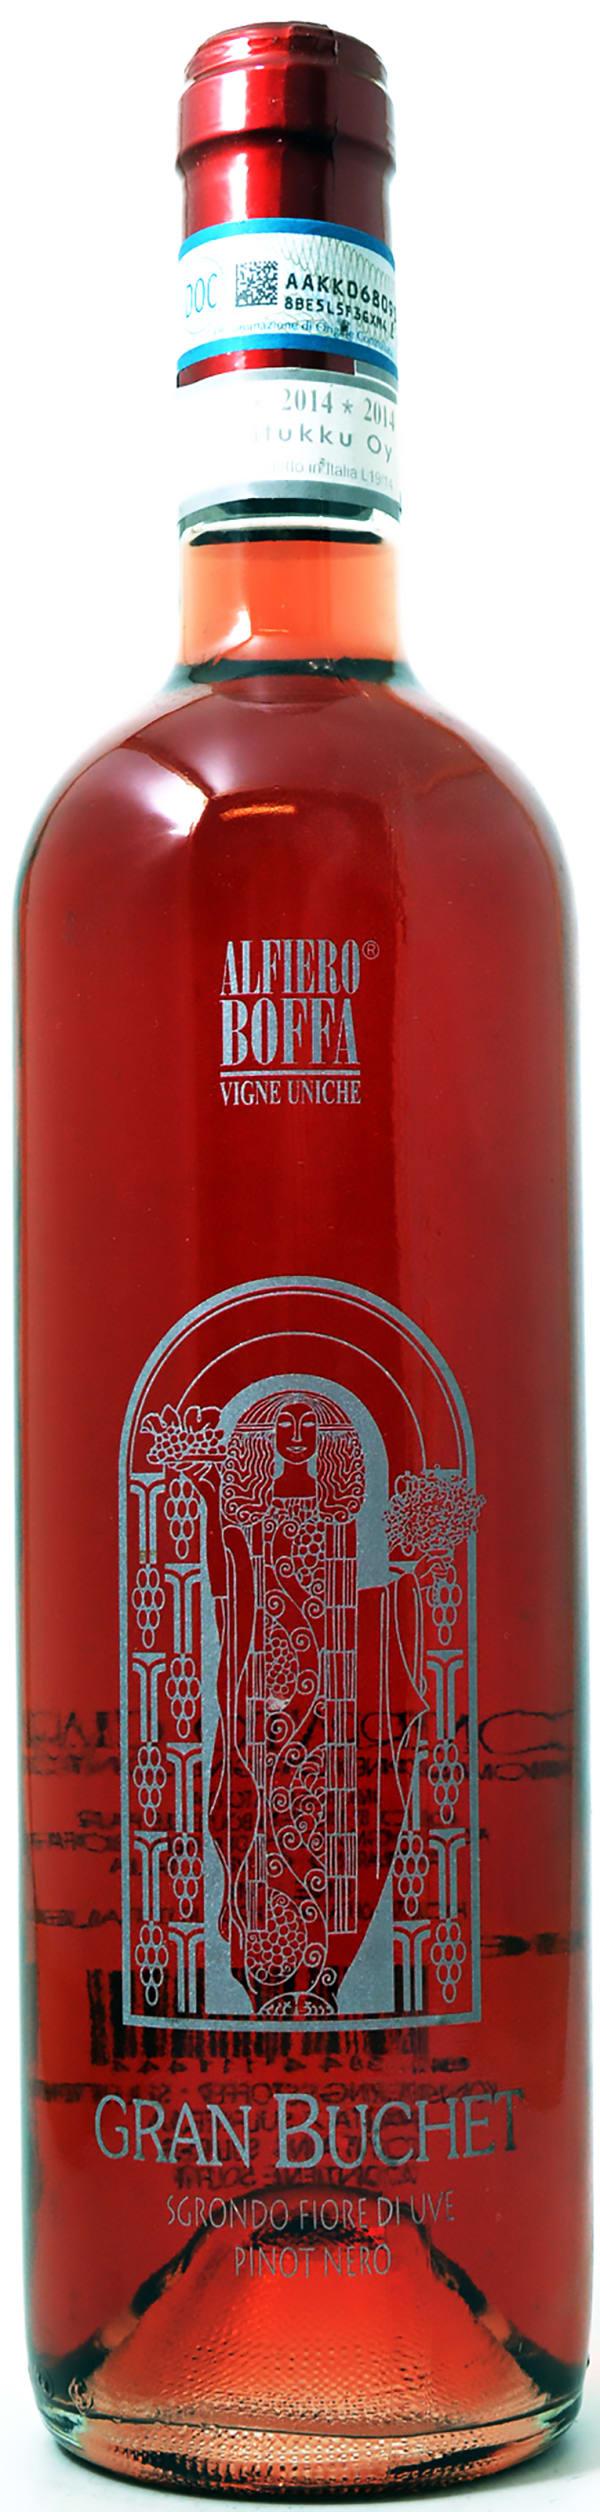 Gran Buchet Pinot Nero 2016